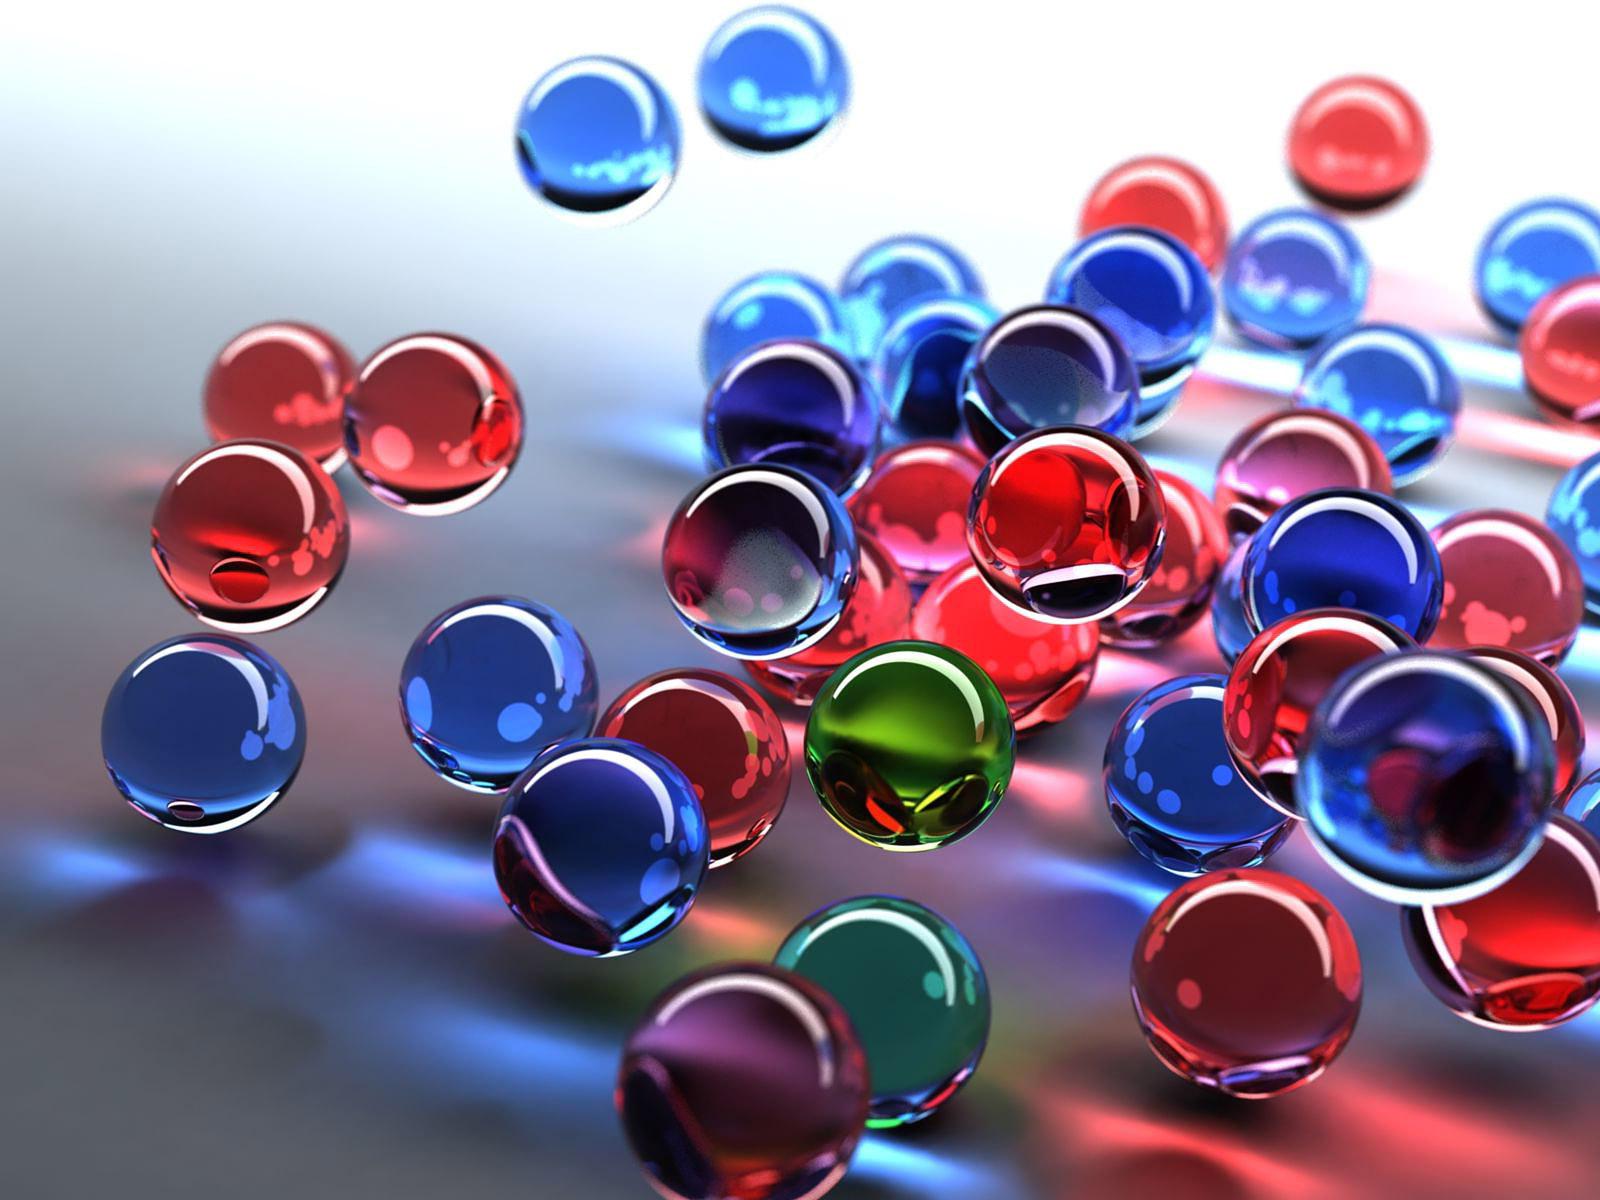 Best Top Desktop 3d Glass Wallpapers Hd 3d Glass Wallpaper Transparent 07 Jpg Fashion Lifestyle